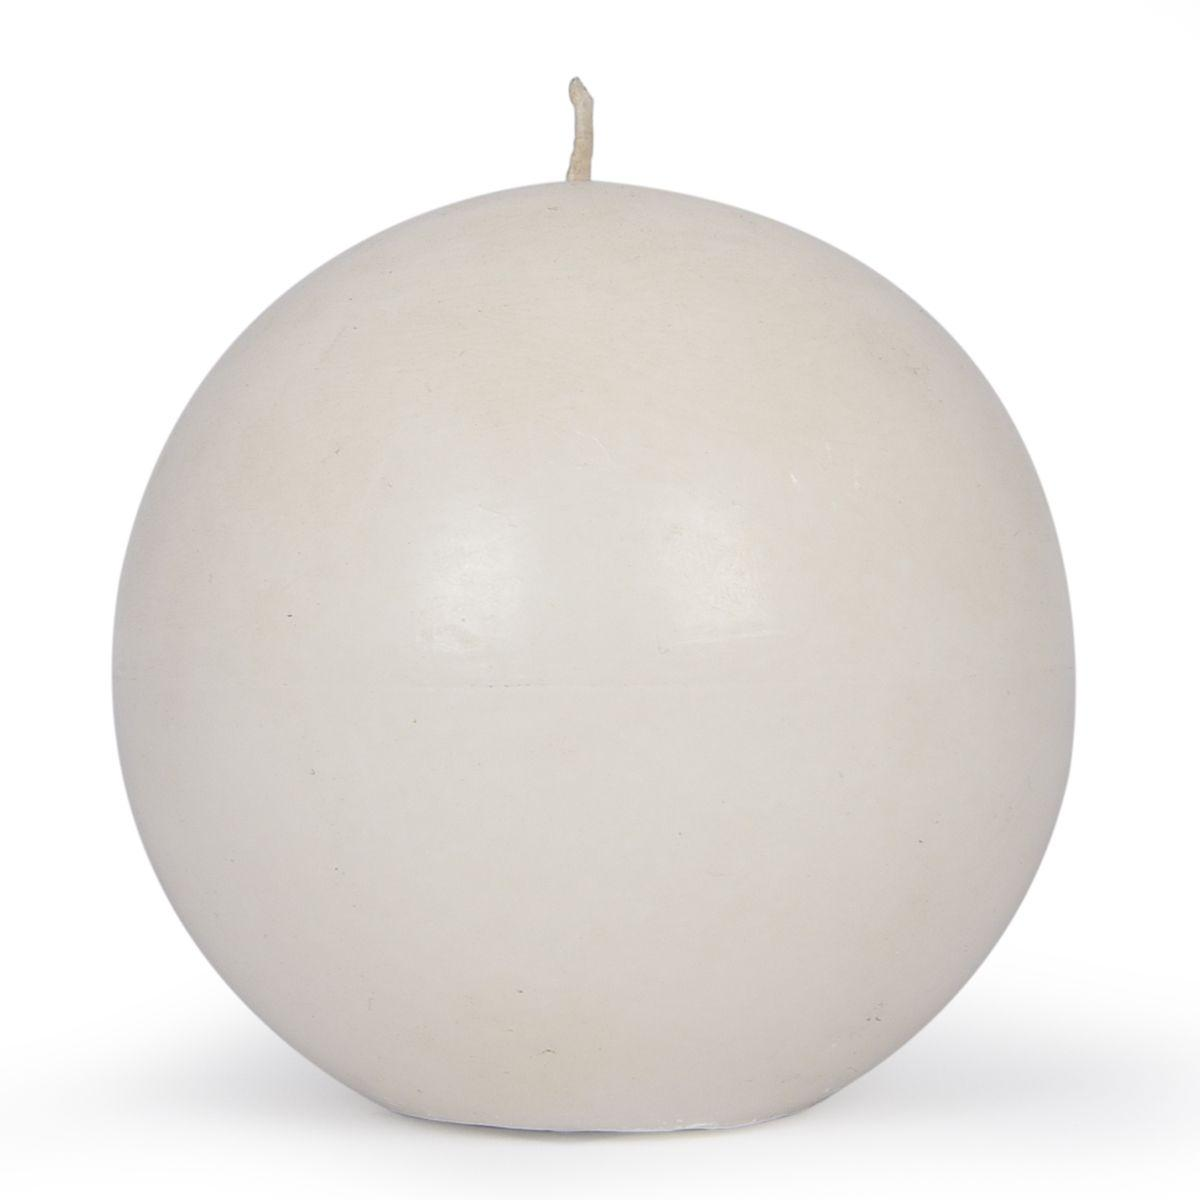 Белая круглая свеча из парафина для декора и сервировки